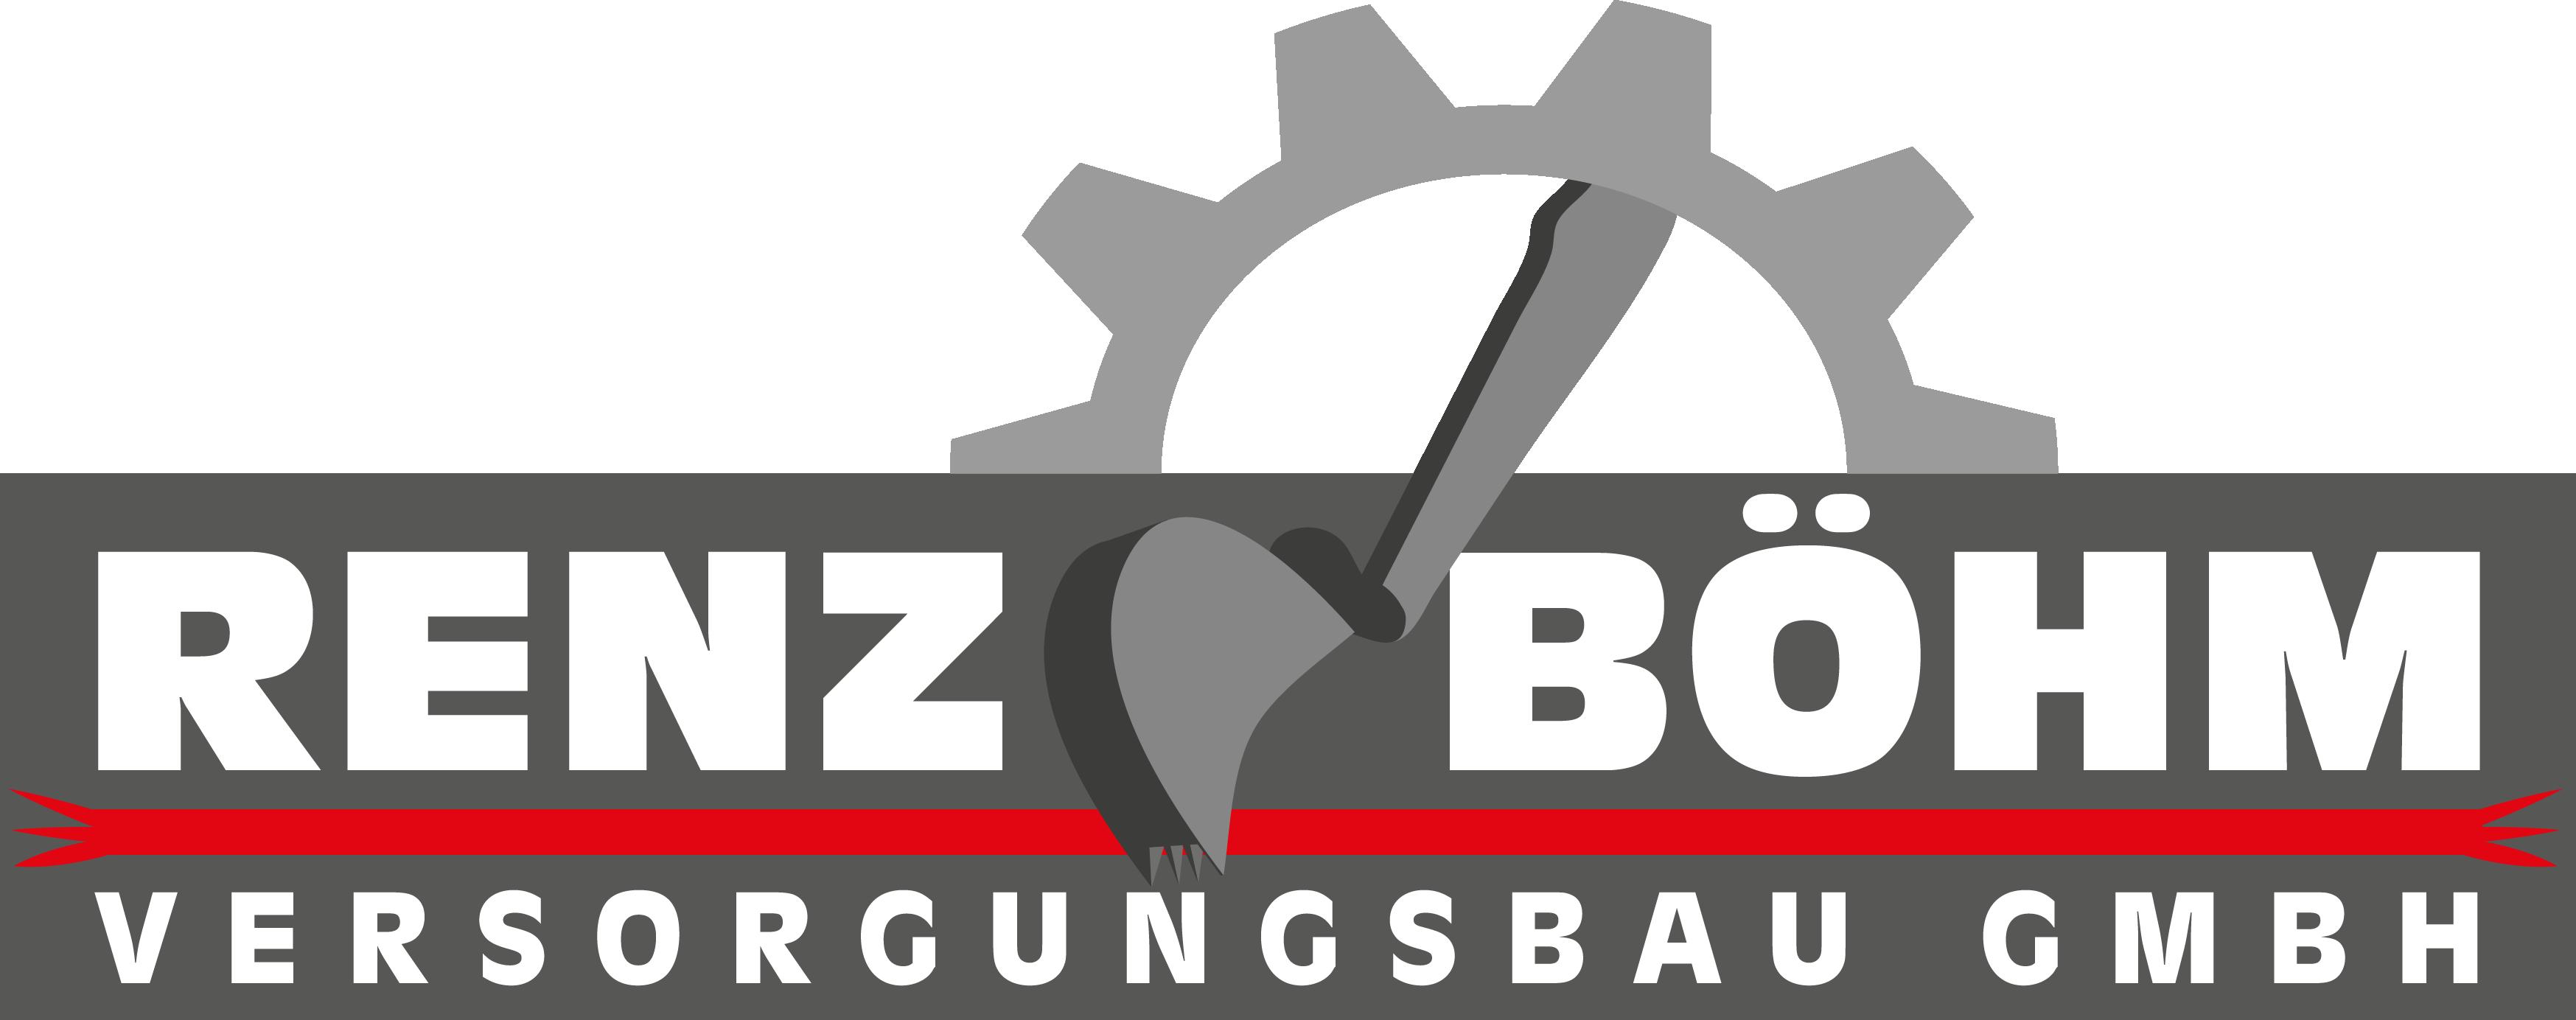 Renz & Böhm Versorgungsbau GmbH